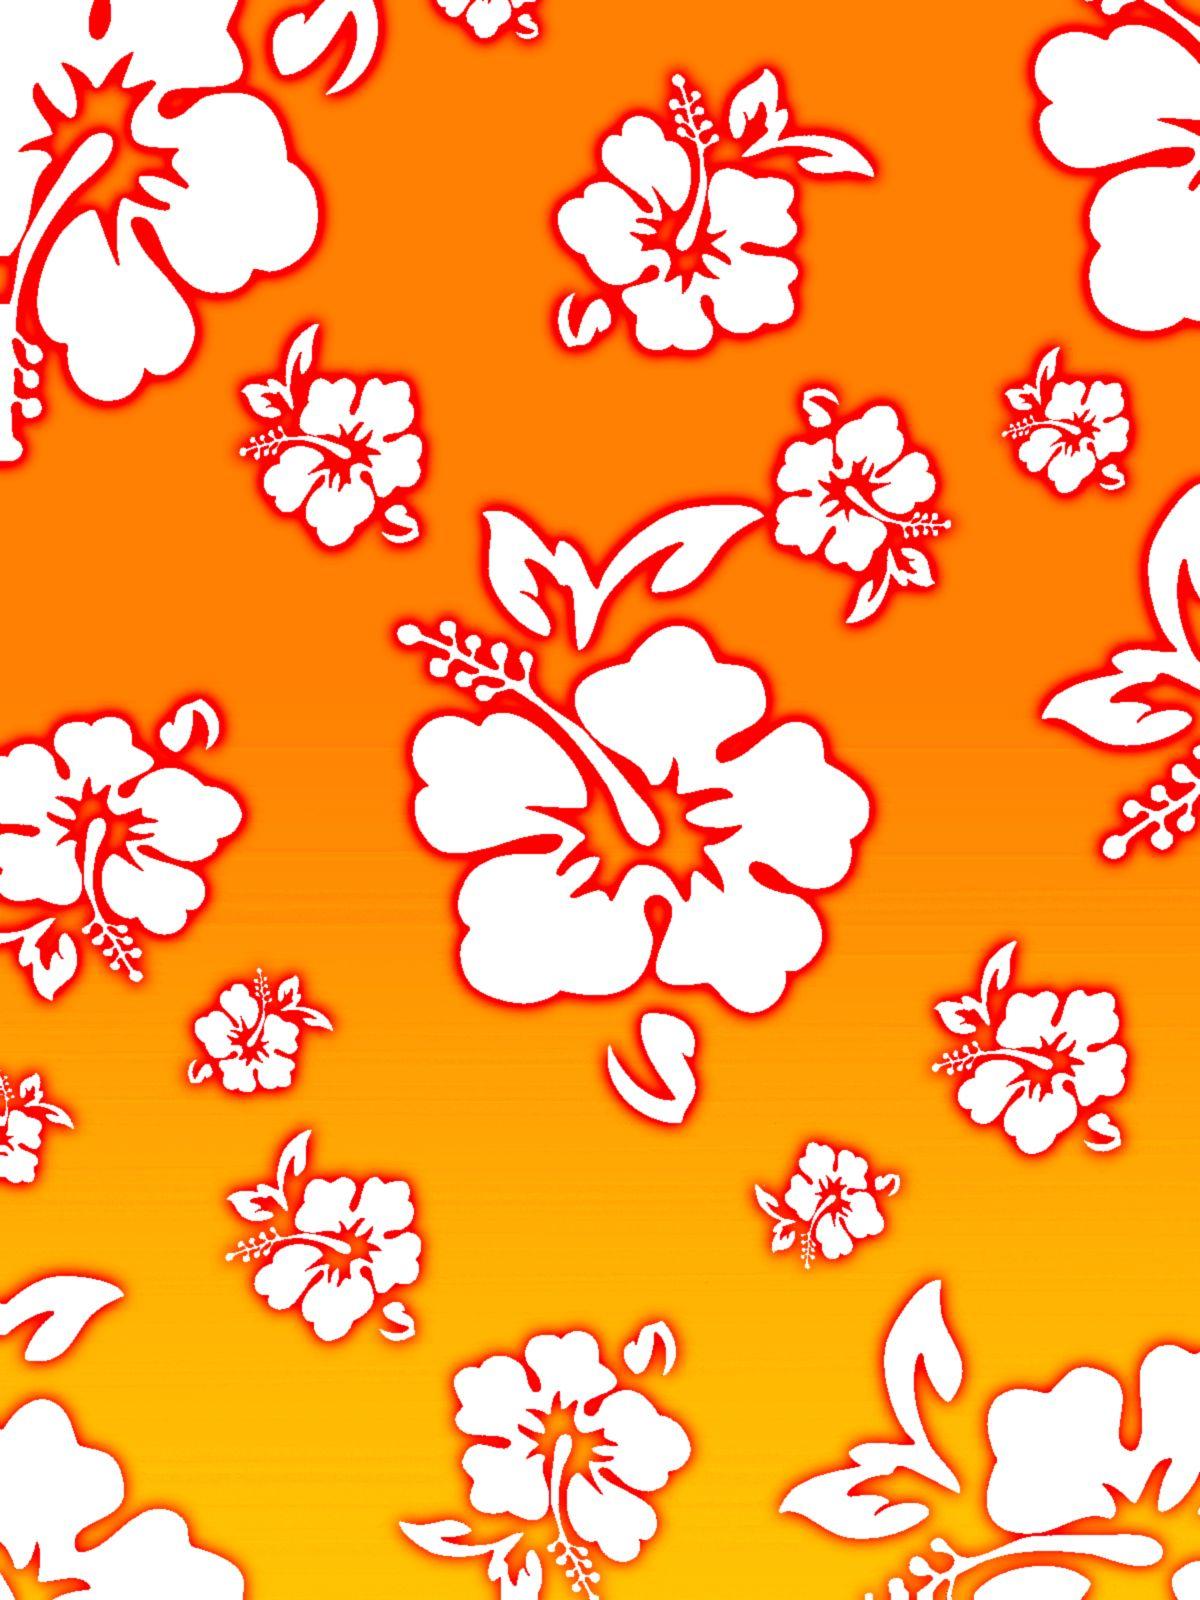 Hawaiian flower clip art hawaiian flower background by rengurenge hawaiian flower clip art hawaiian flower background by rengurenge on deviantart izmirmasajfo